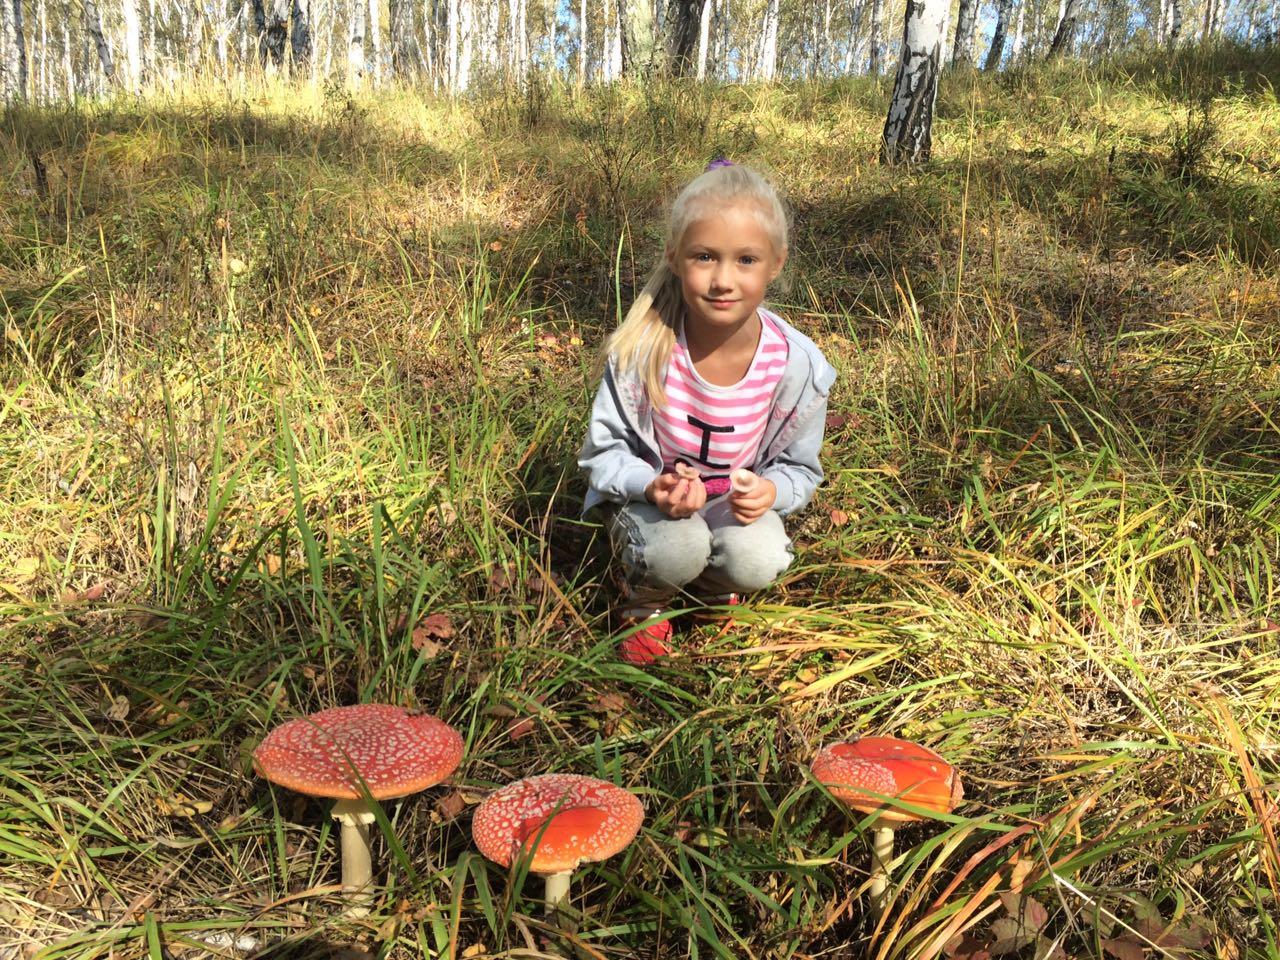 Самые красивые грибы находят дети! Лена и мухоморы (26.09.2016)